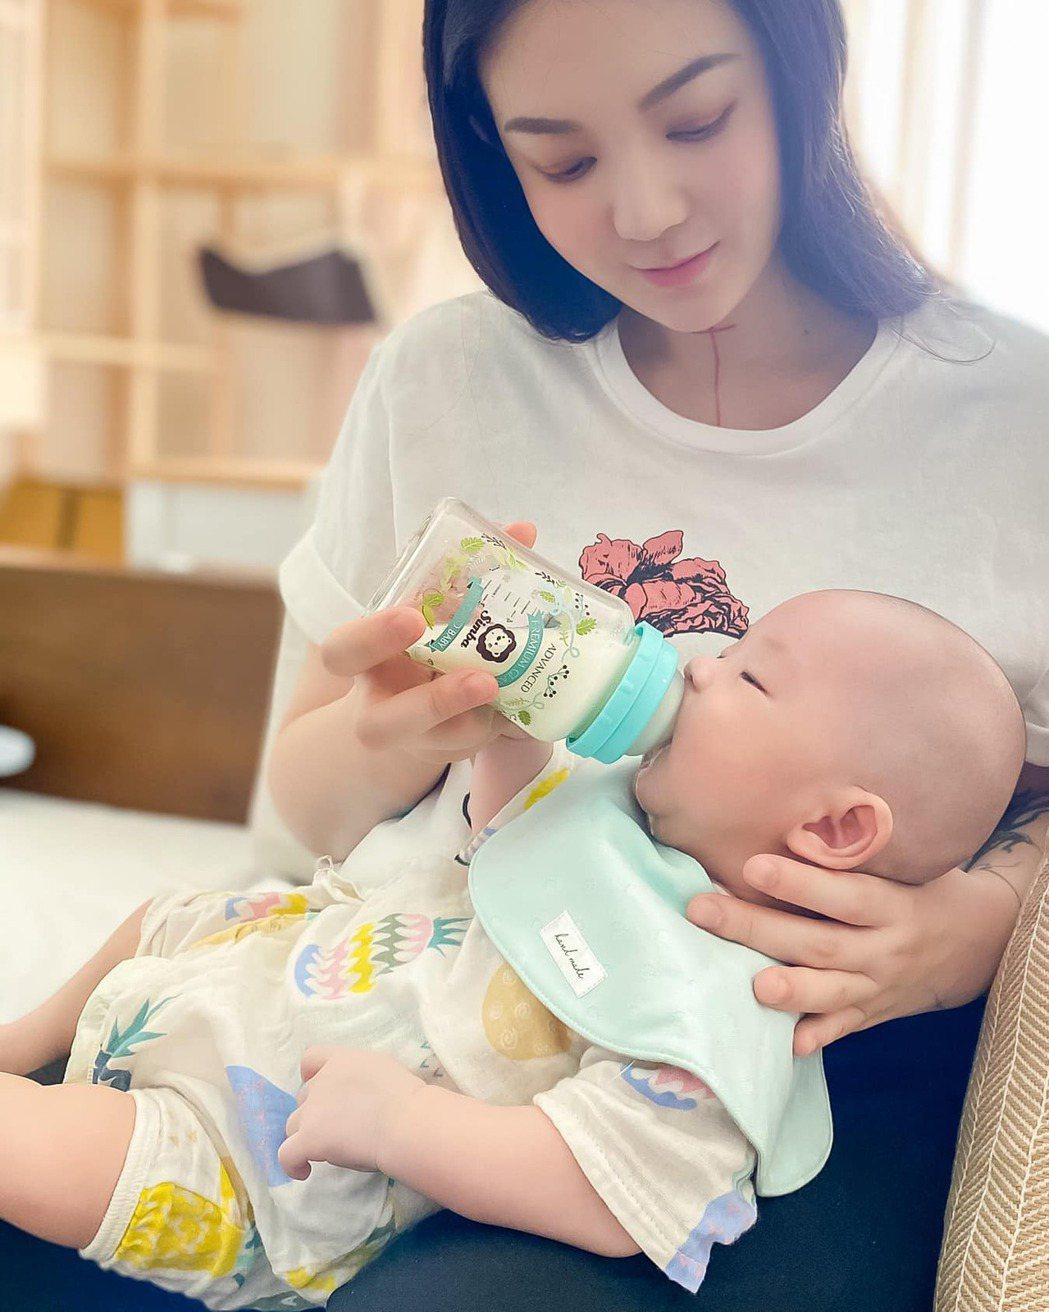 剛當新手媽媽的歐陽靖坦言有產後憂鬱。 圖/擷自歐陽靖臉書